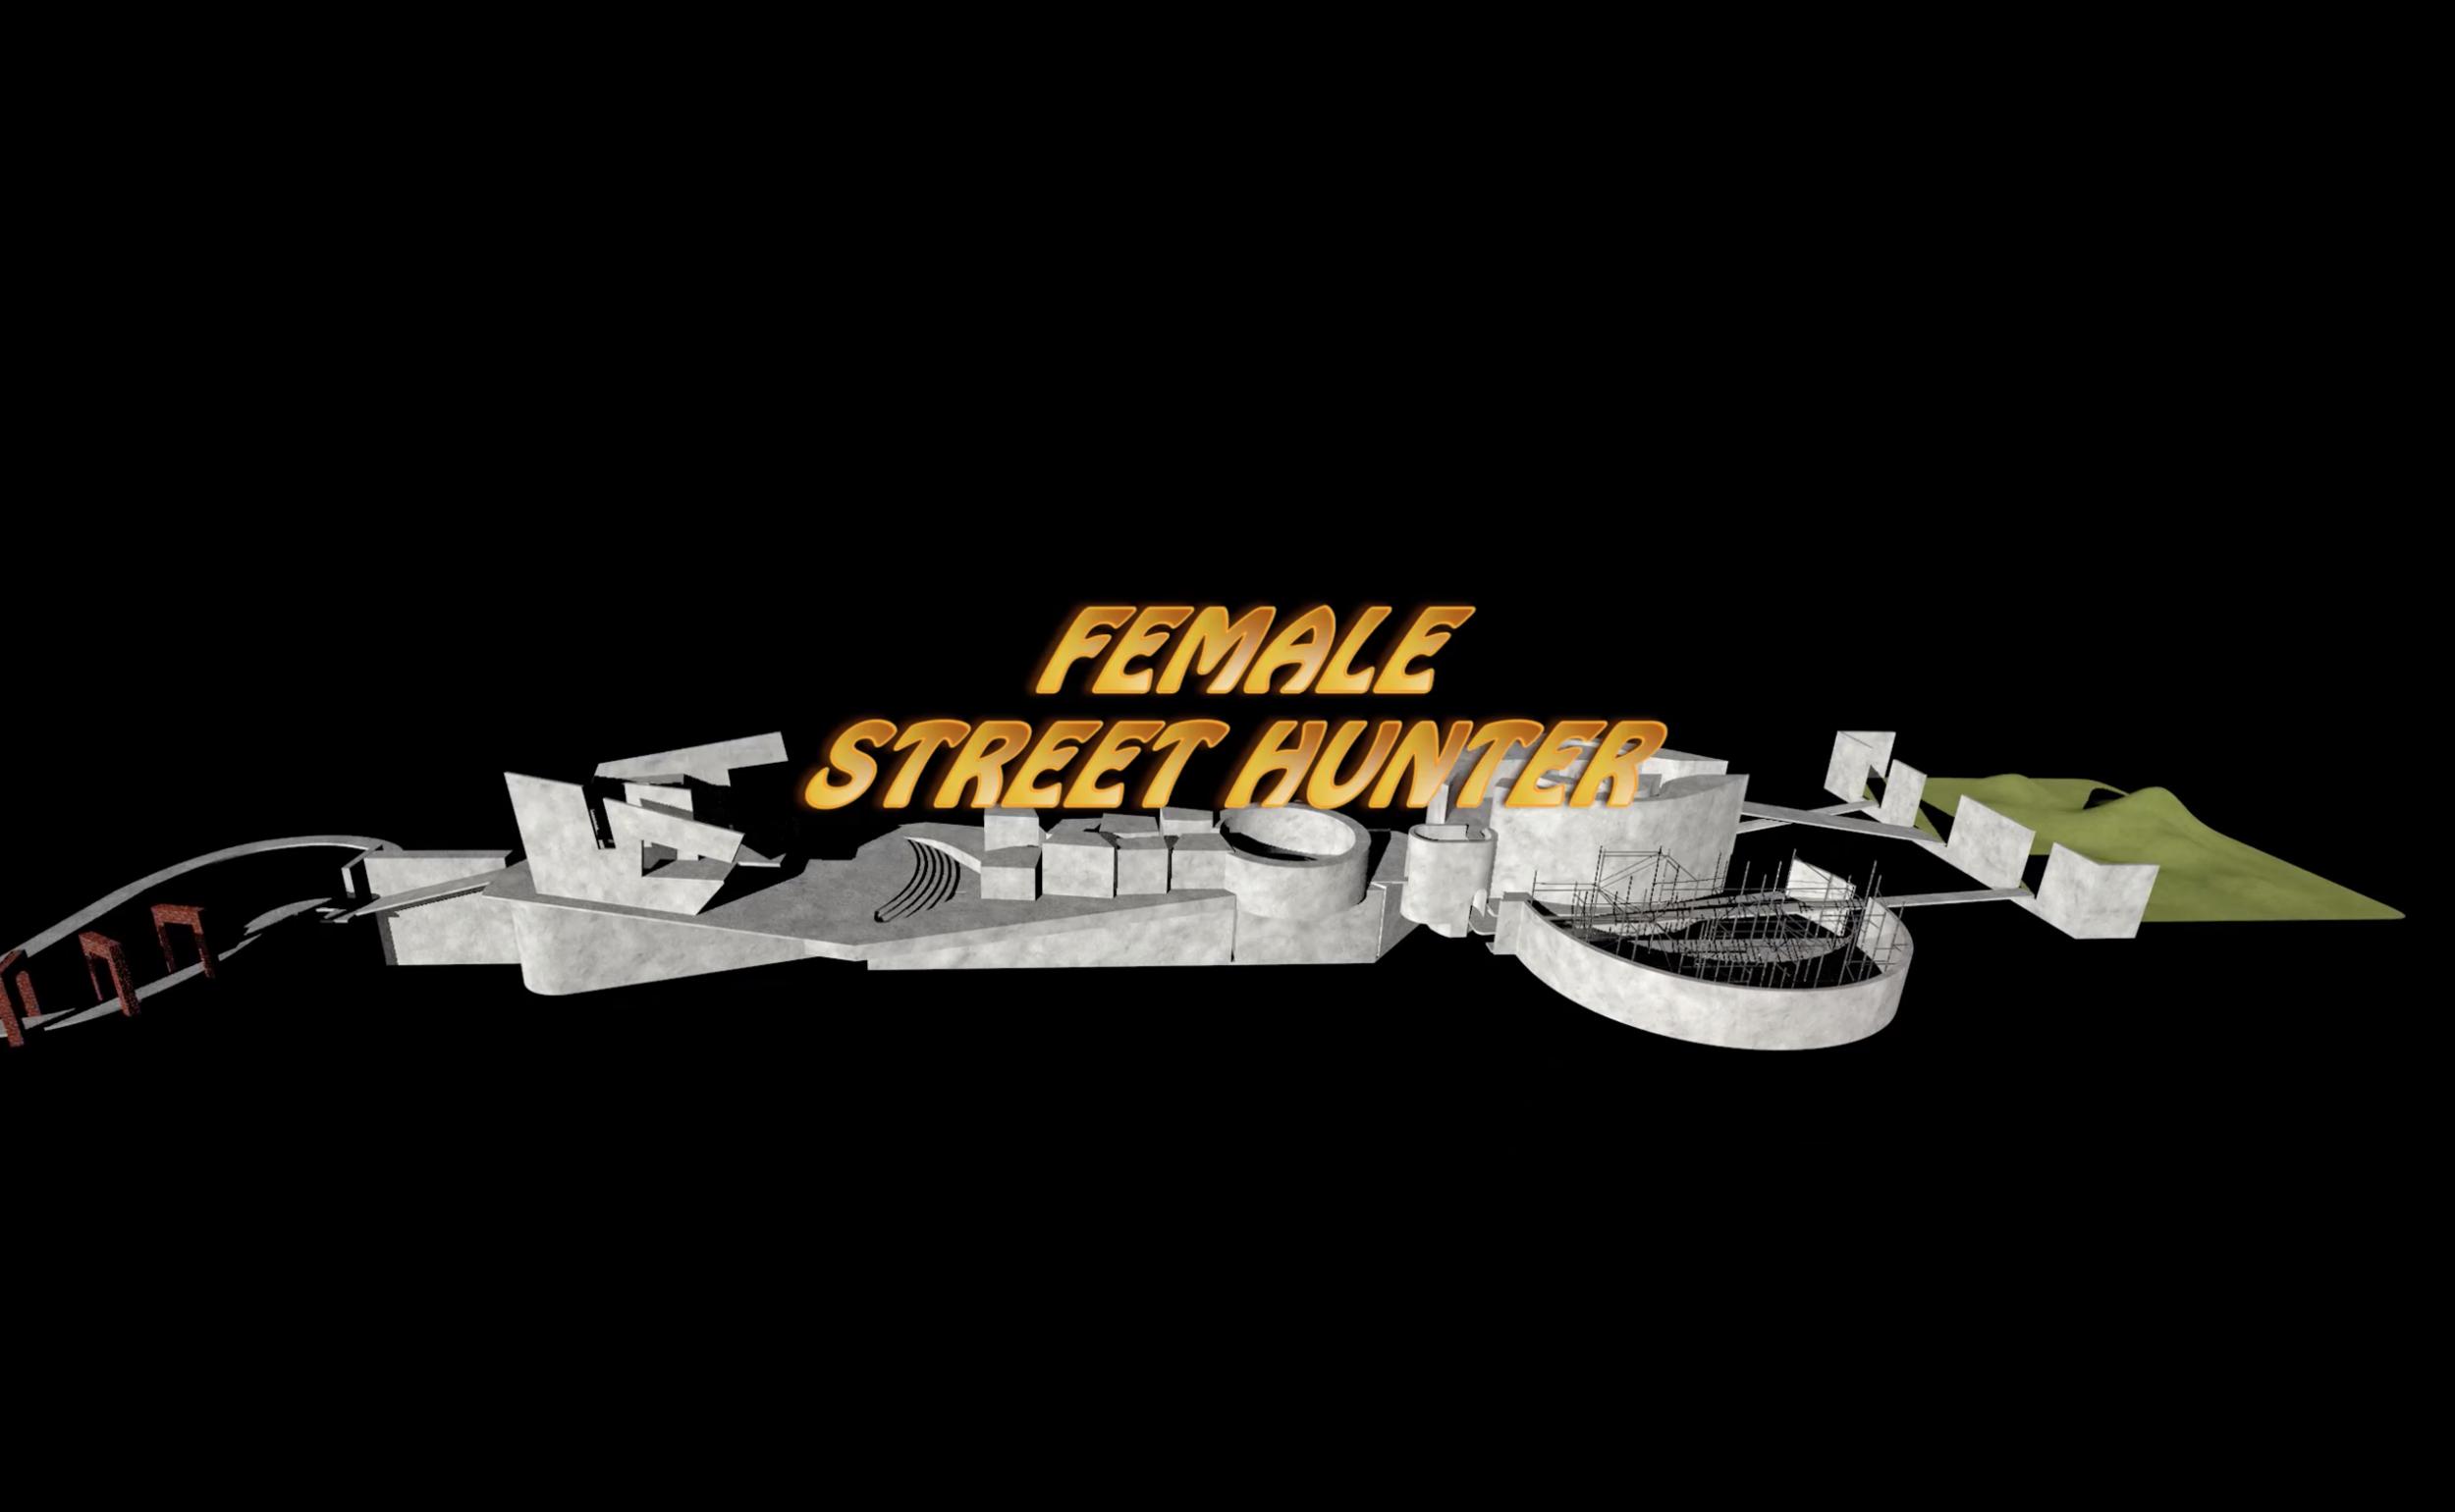 [FEMME] STREET HUNTER — Interactive video